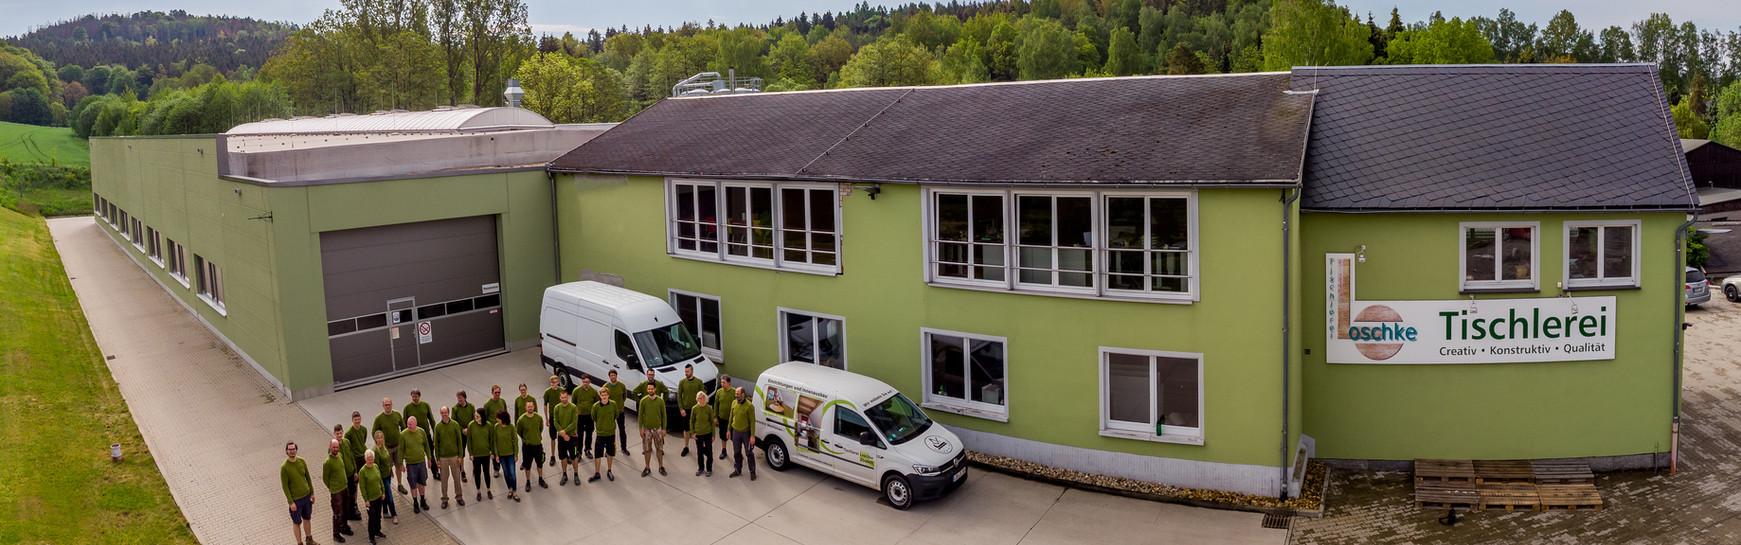 Panoramabild der Tischlerei Loschke GmbH mit Team